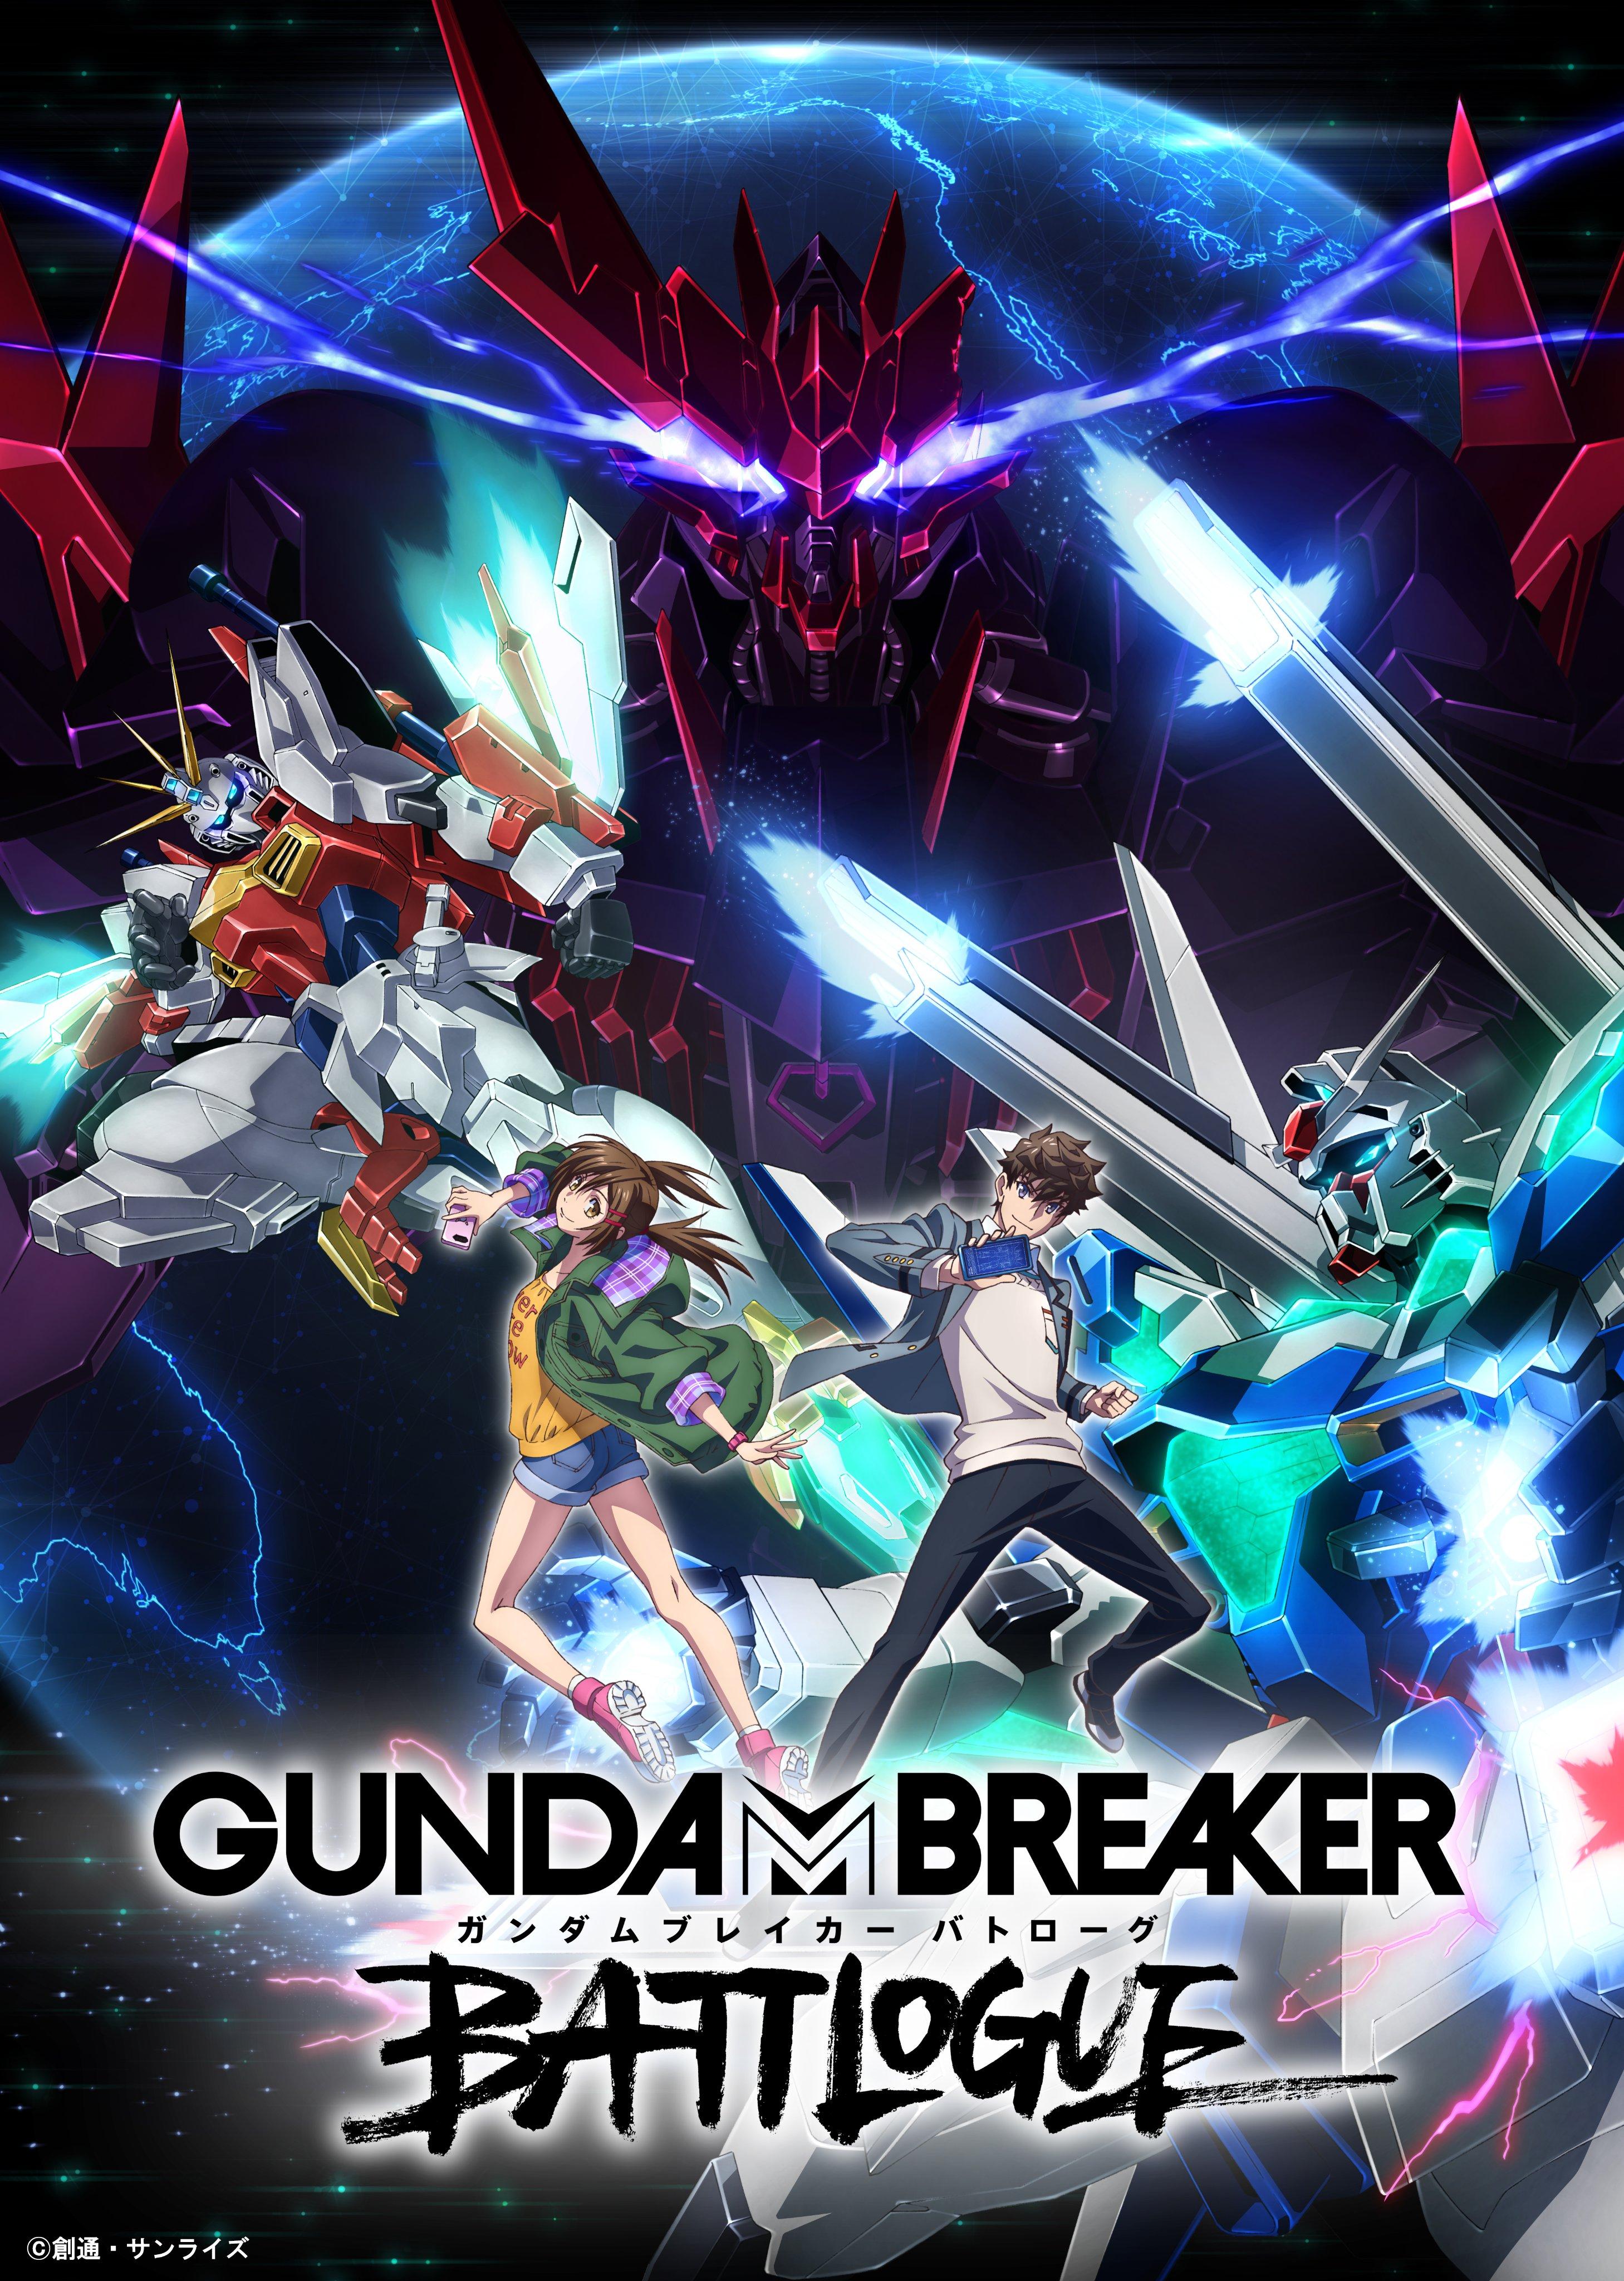 Visual clave de Battlogue de Gundam Breaker